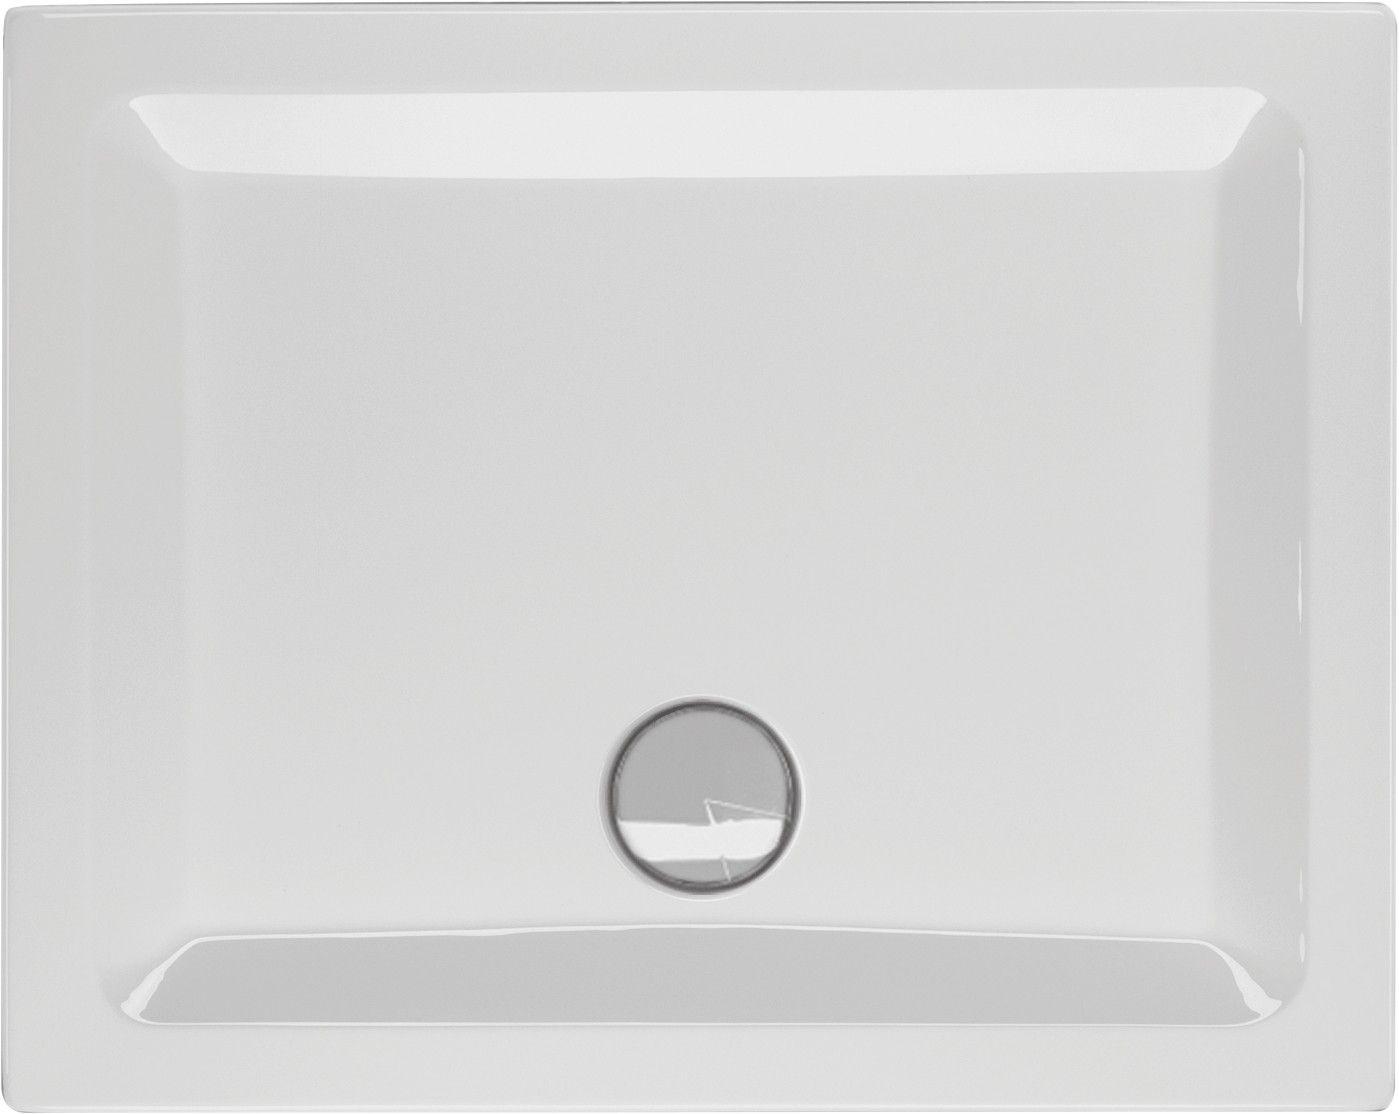 Duschwanne 100 x 75 x 5 cm Duschwanne, Dusche, Wanne